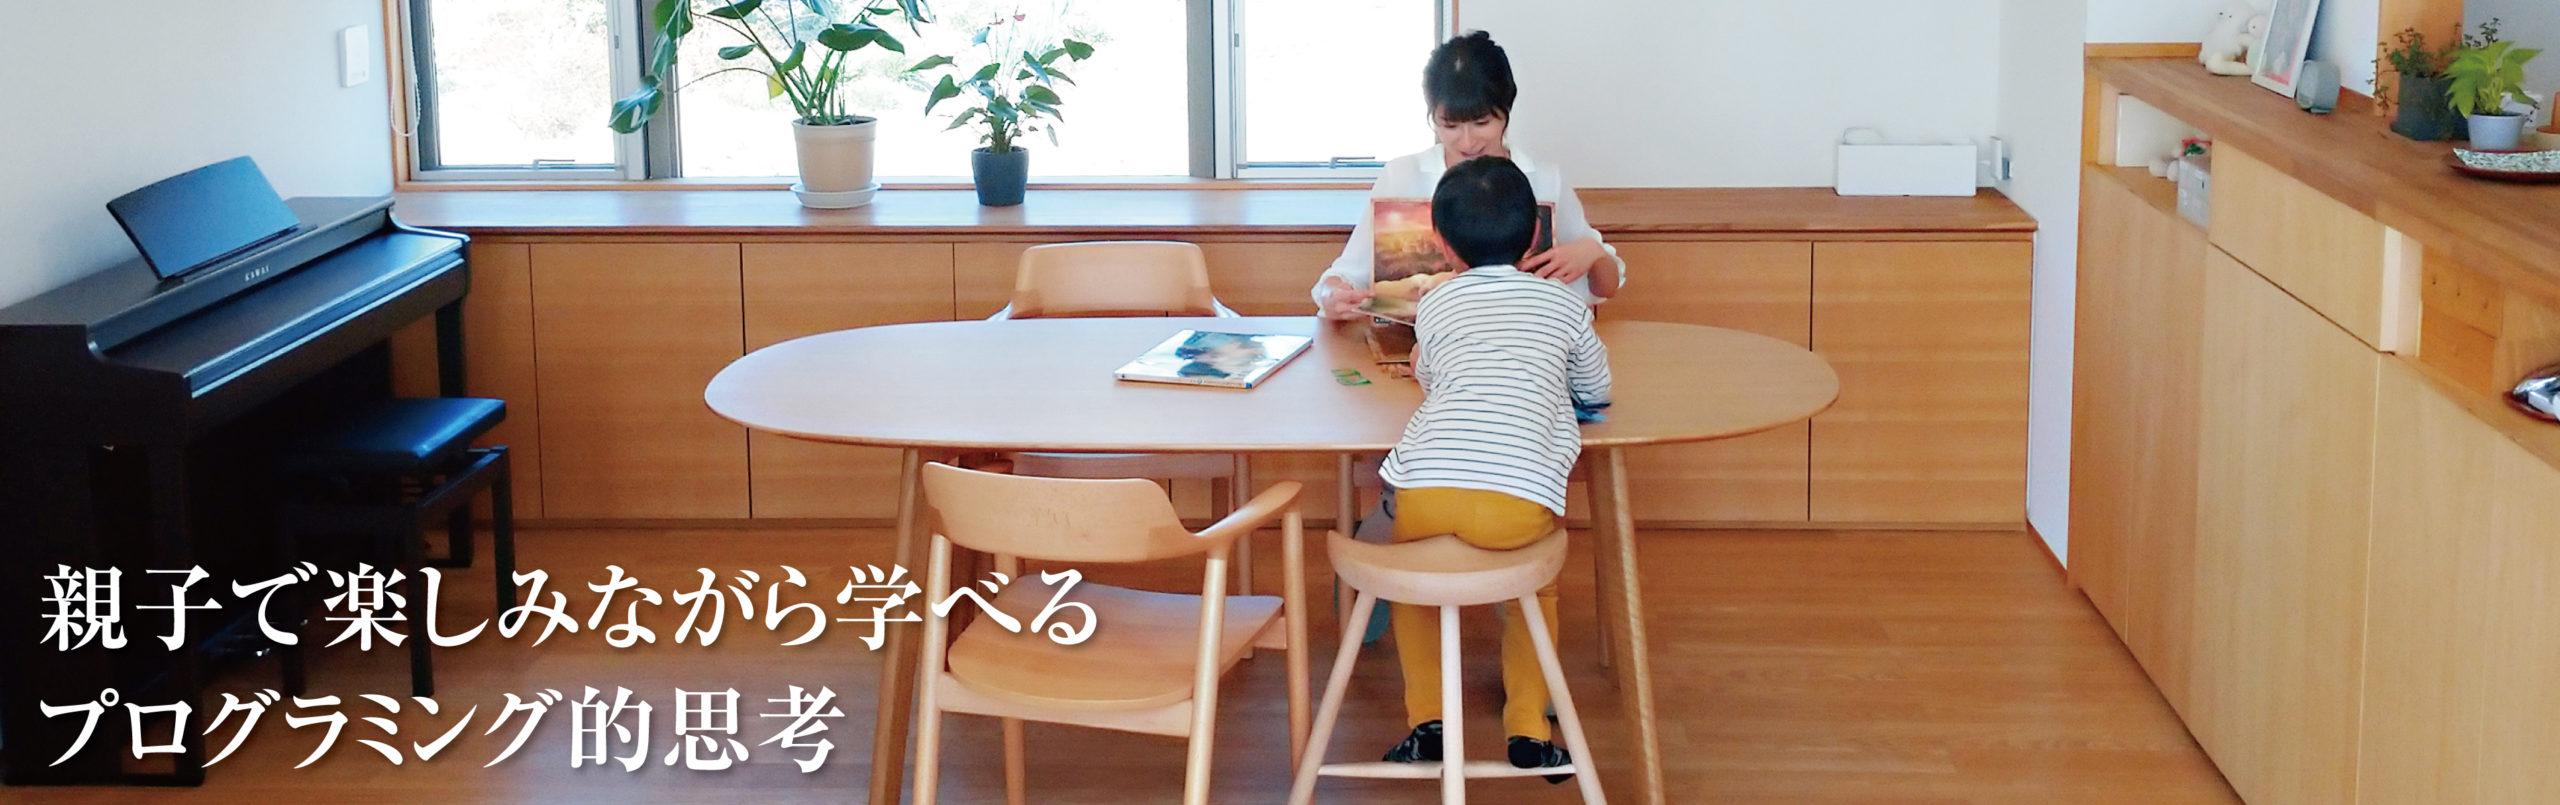 親子で楽しみながら学べるプログラミング思考